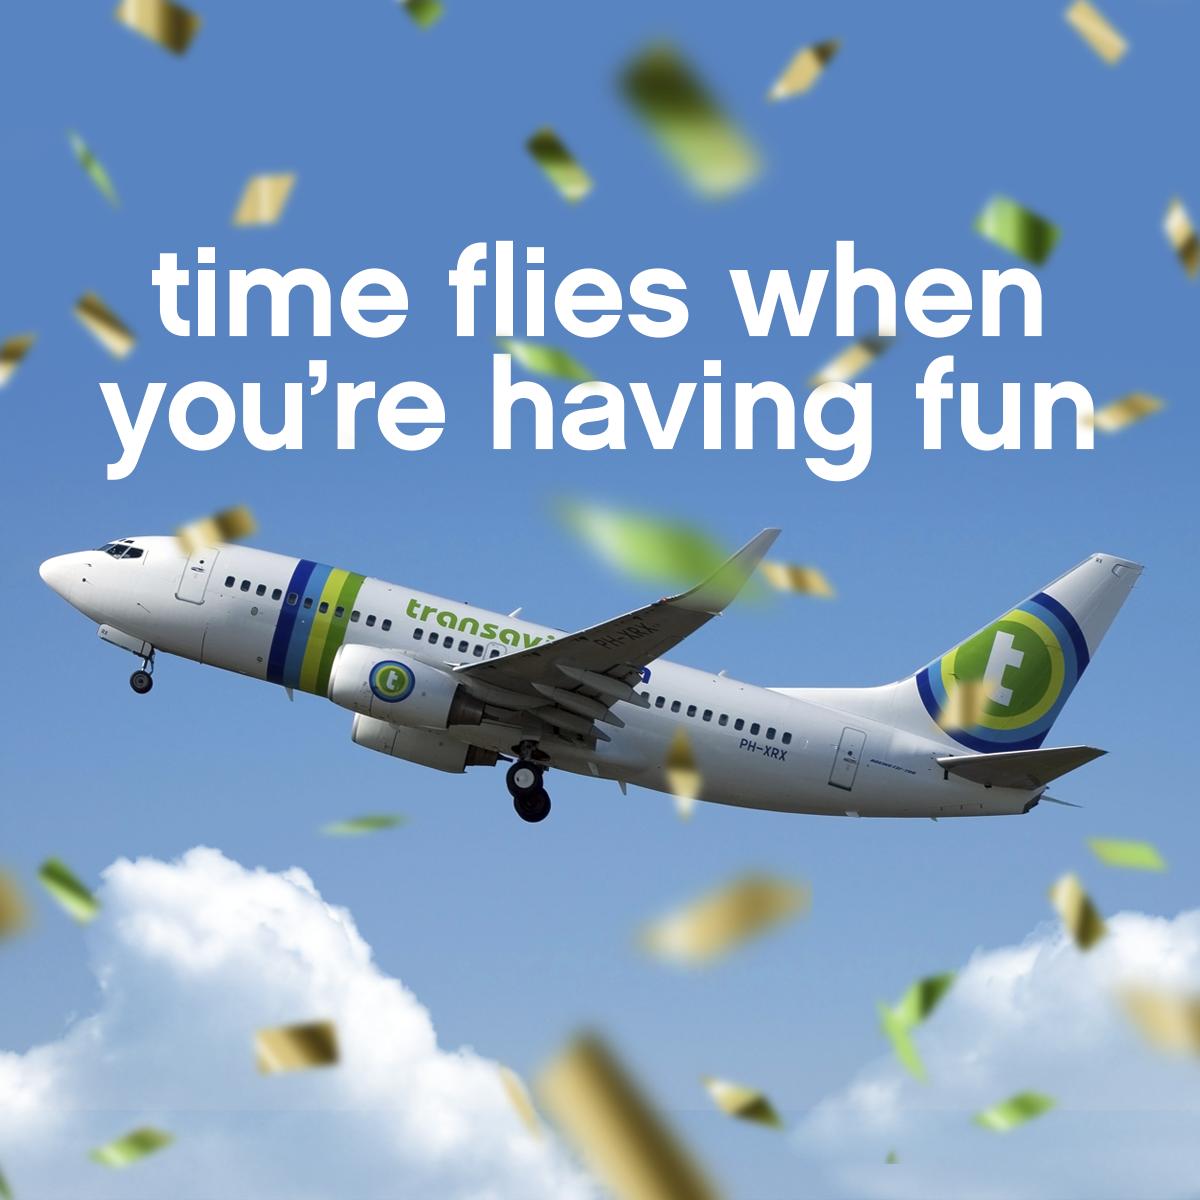 Het is vandaag alweer 48 jaar geleden dat onze eerste vlucht plaatsvond... http://t.co/MjLwmFhjbk